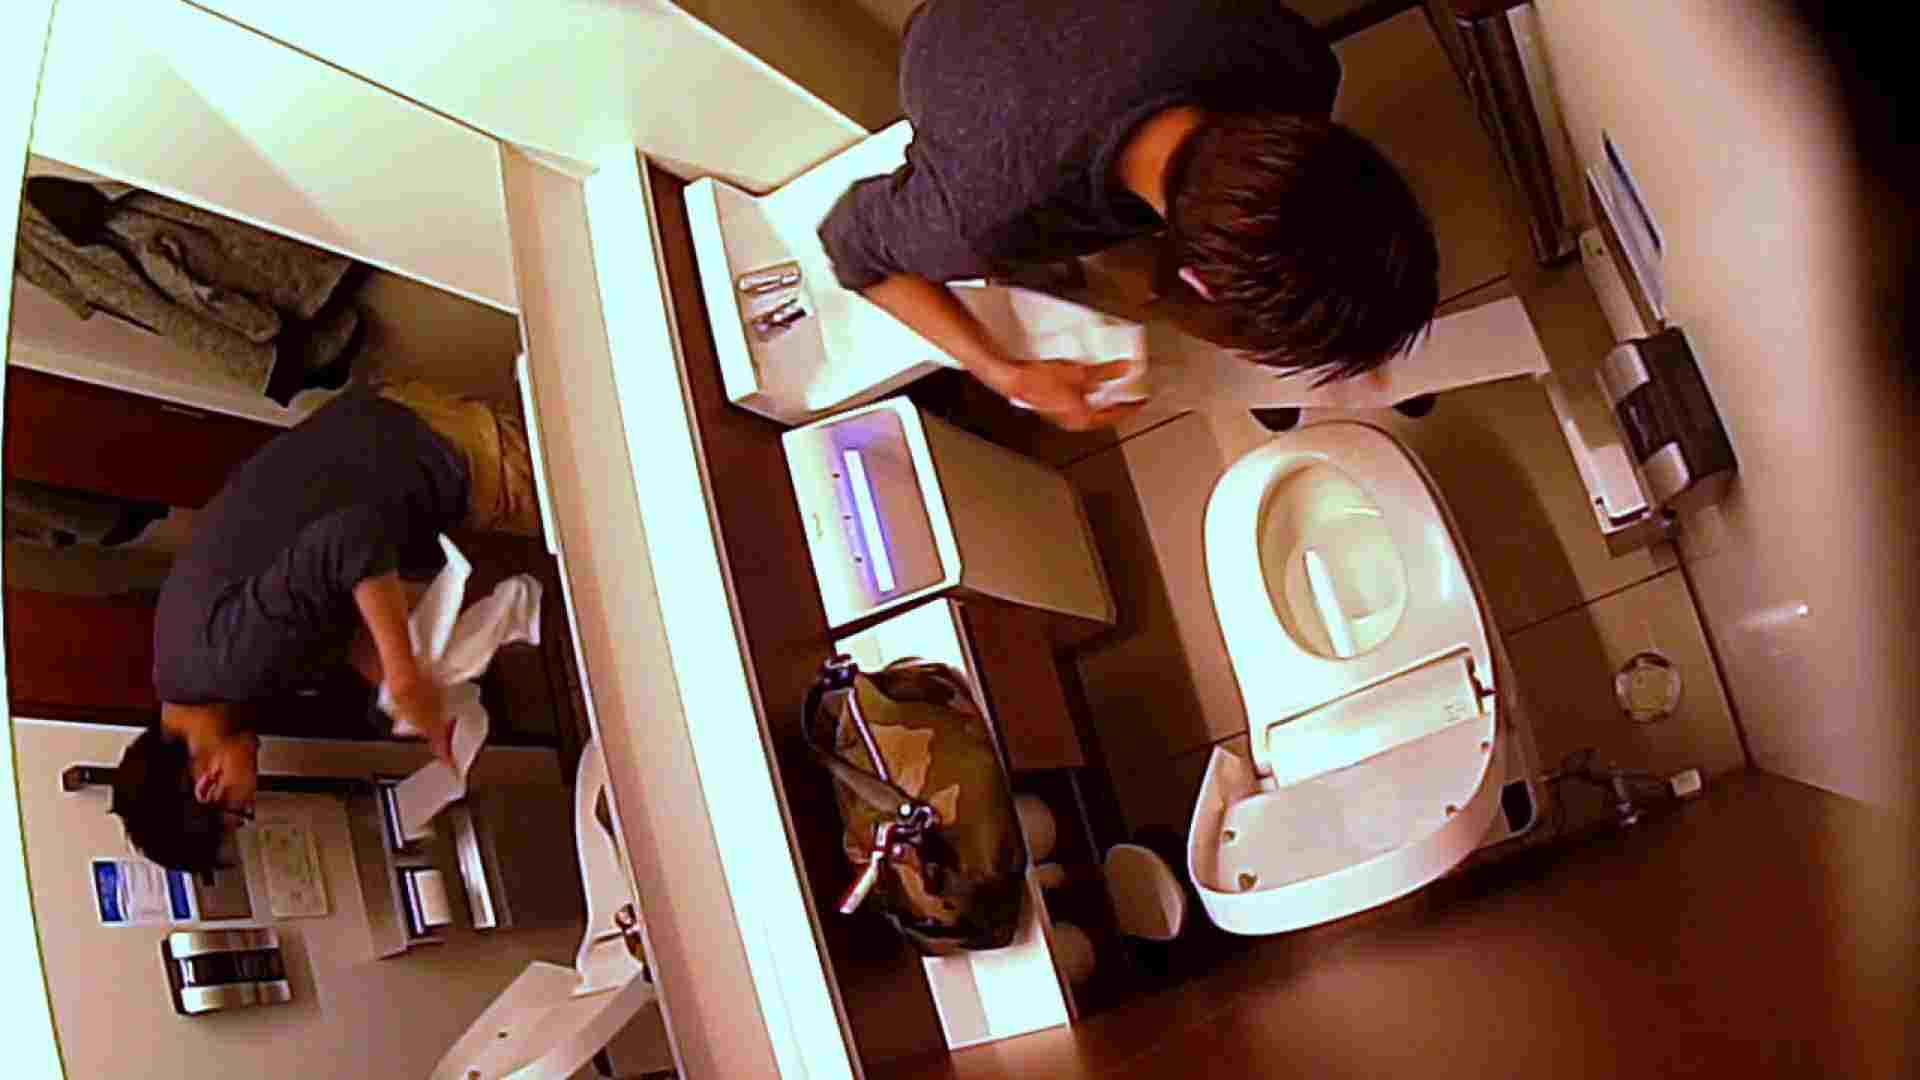 すみませんが覗かせてください Vol.29 トイレ | 0  61pic 1